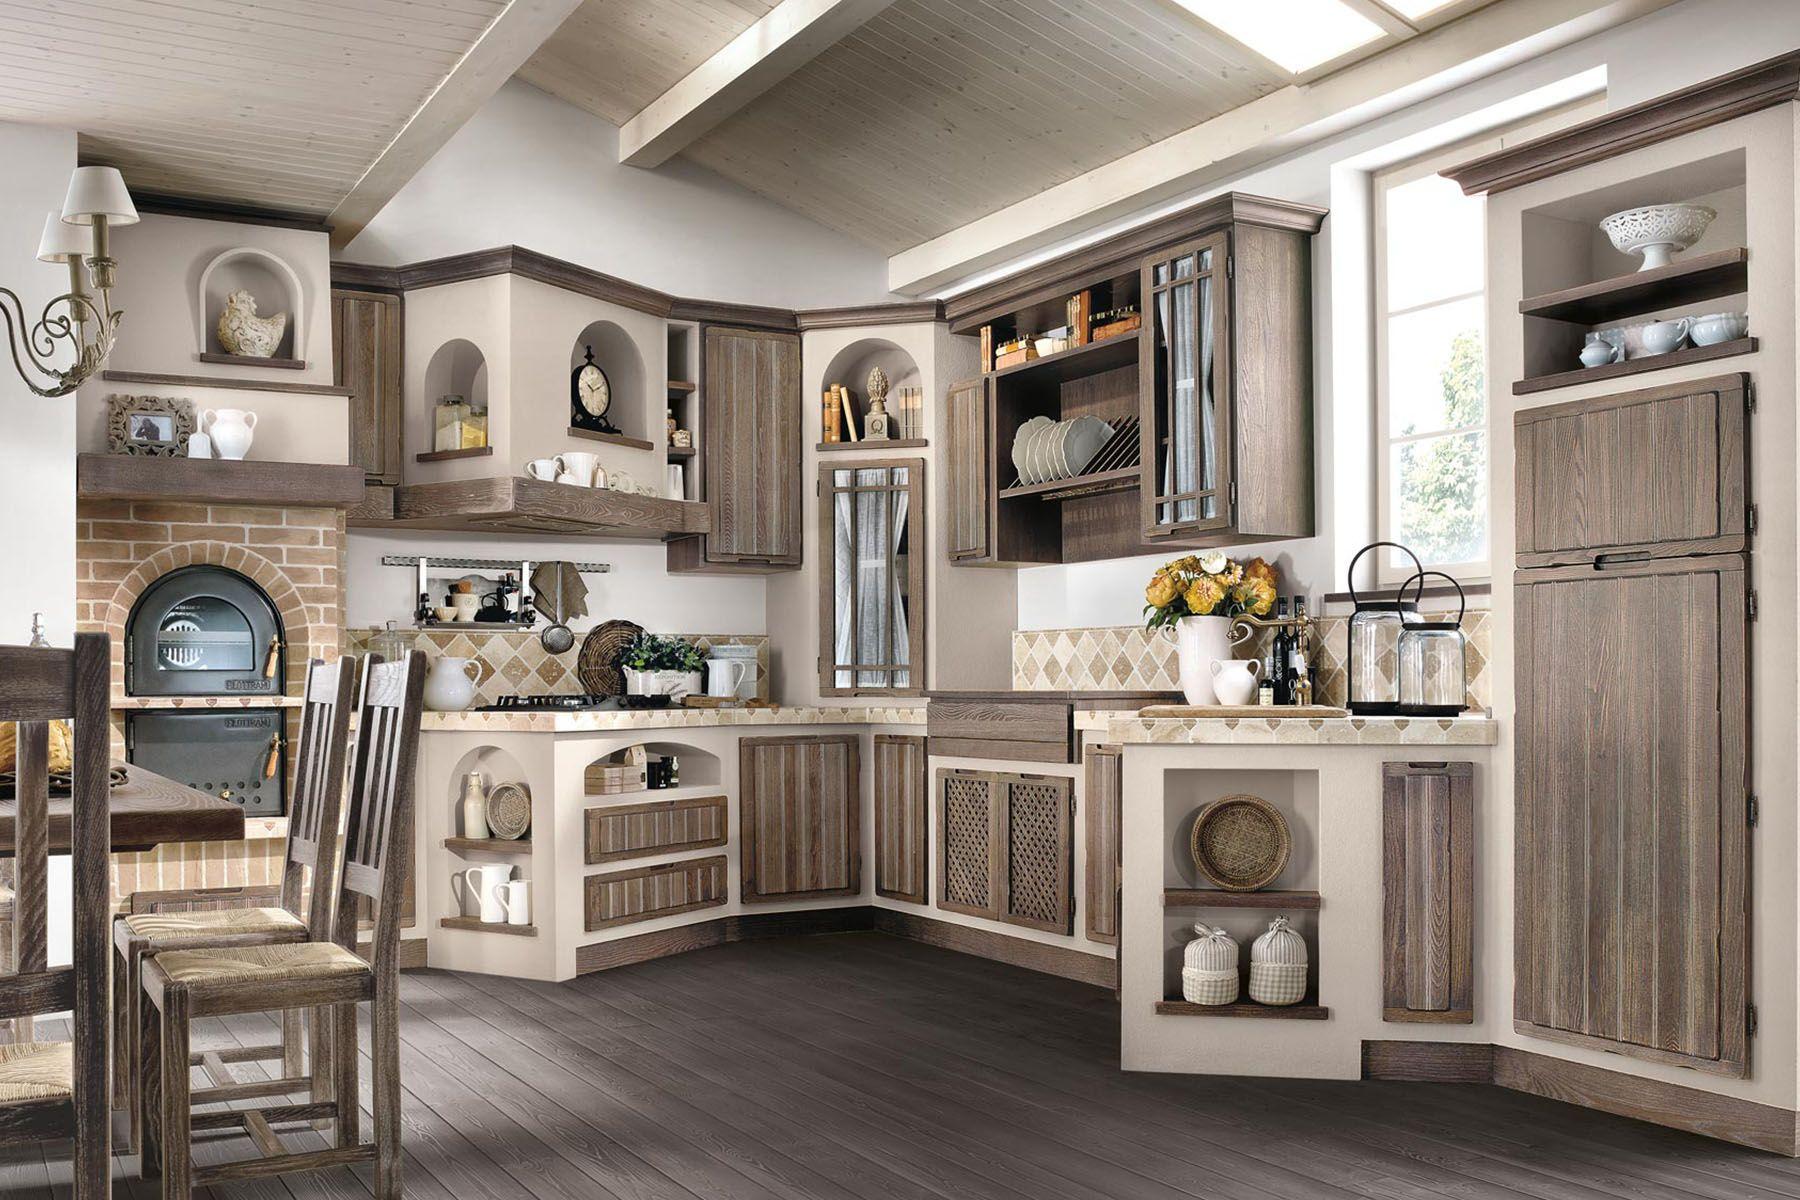 Cucine Lube Milano - Idee di Design Per La Casa - rustify.us ...